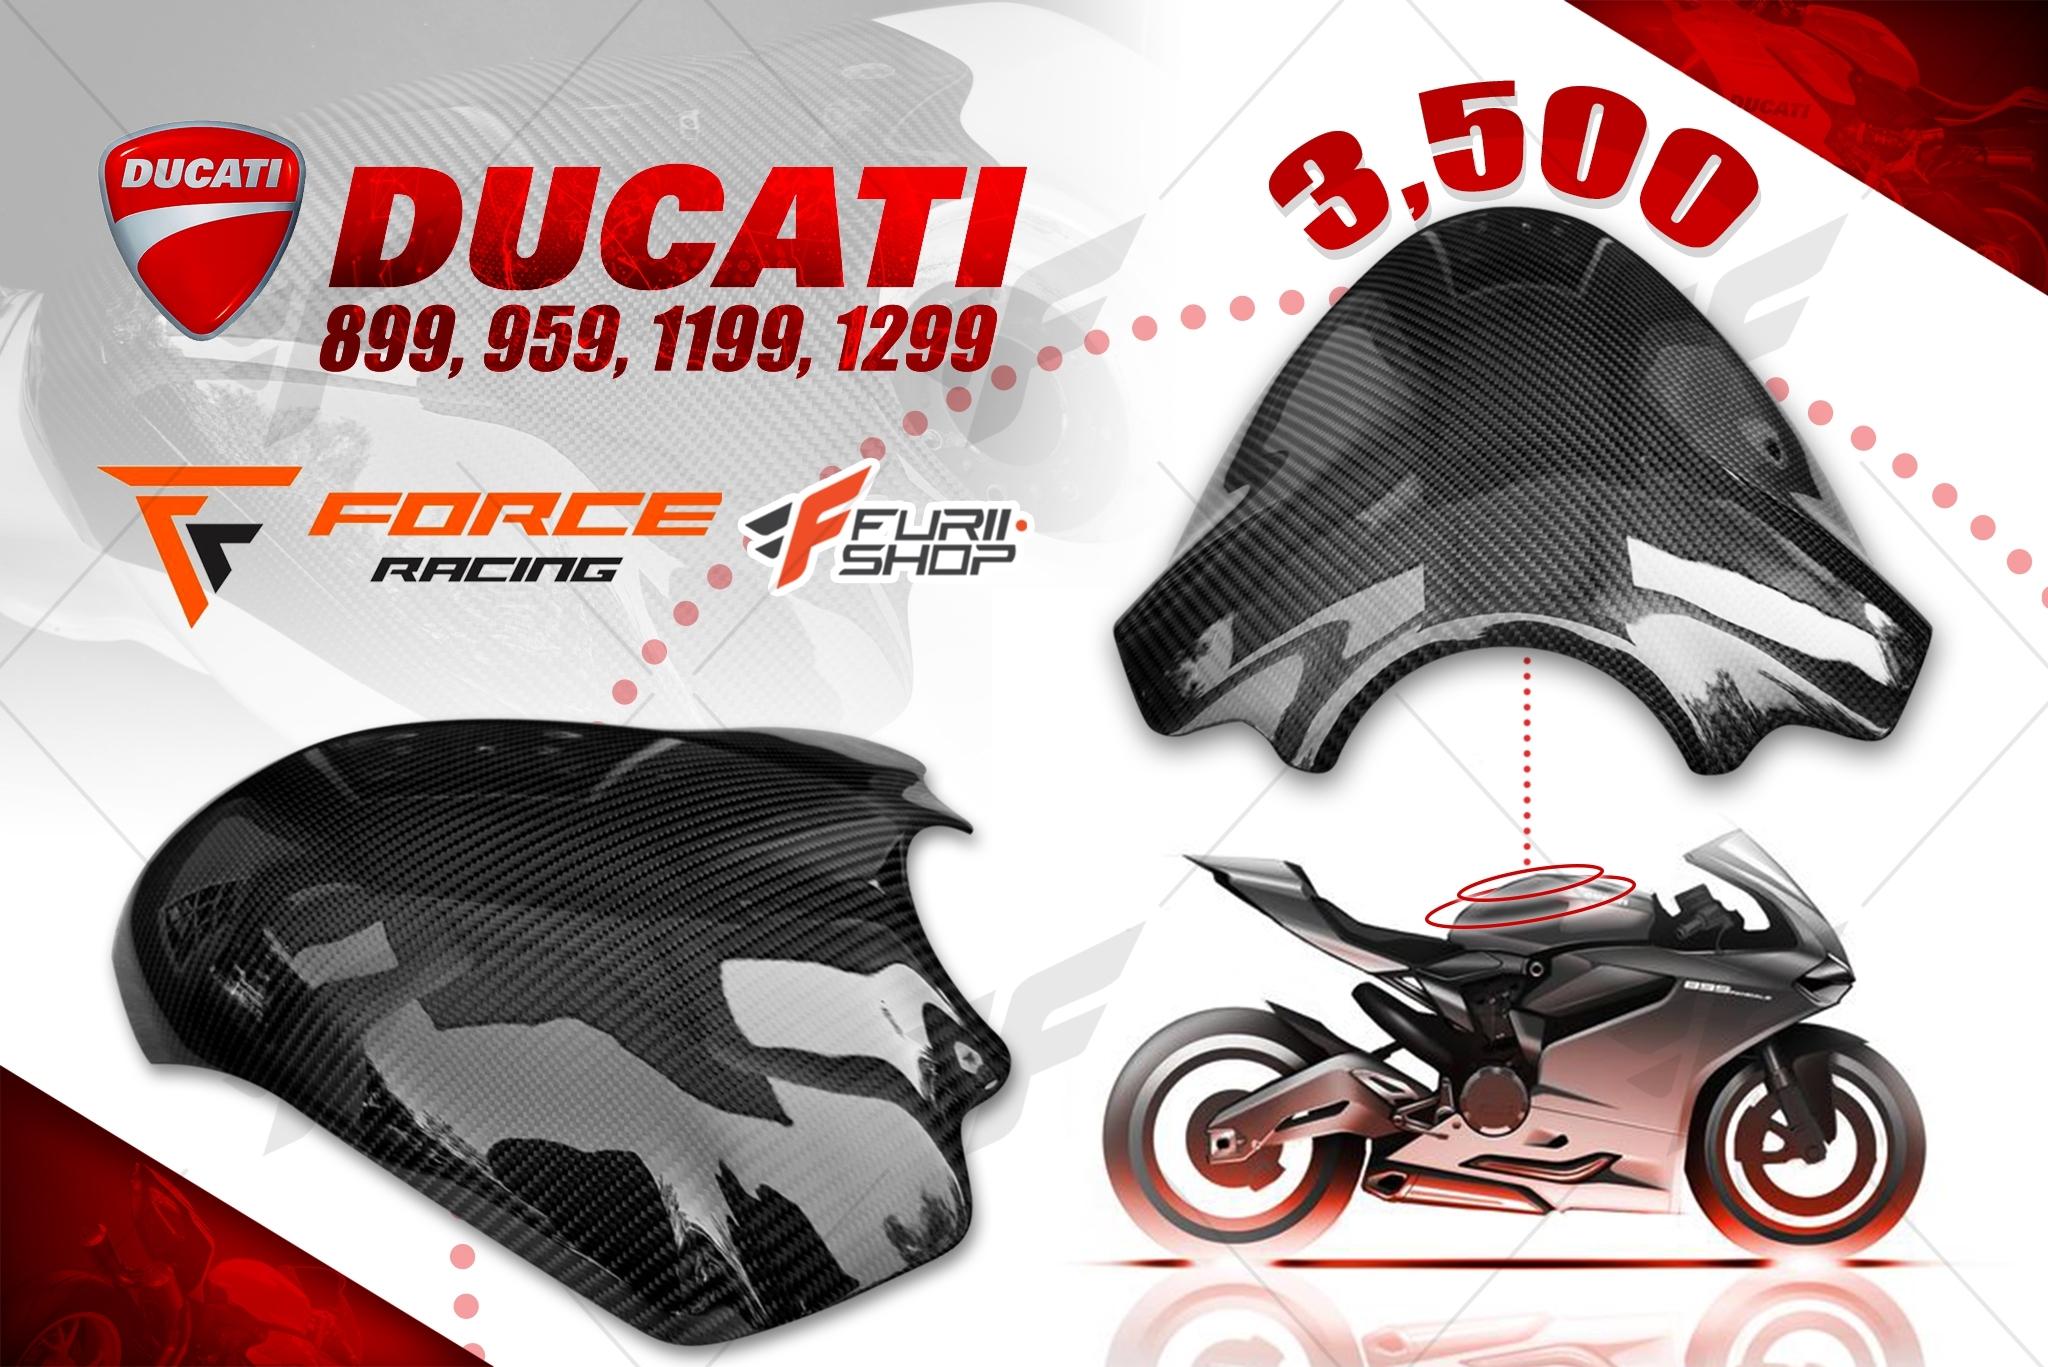 ครอบถังเพรียวเคฟล่า FORCE RACING FOR DUCATI PANIGALE 899 1199